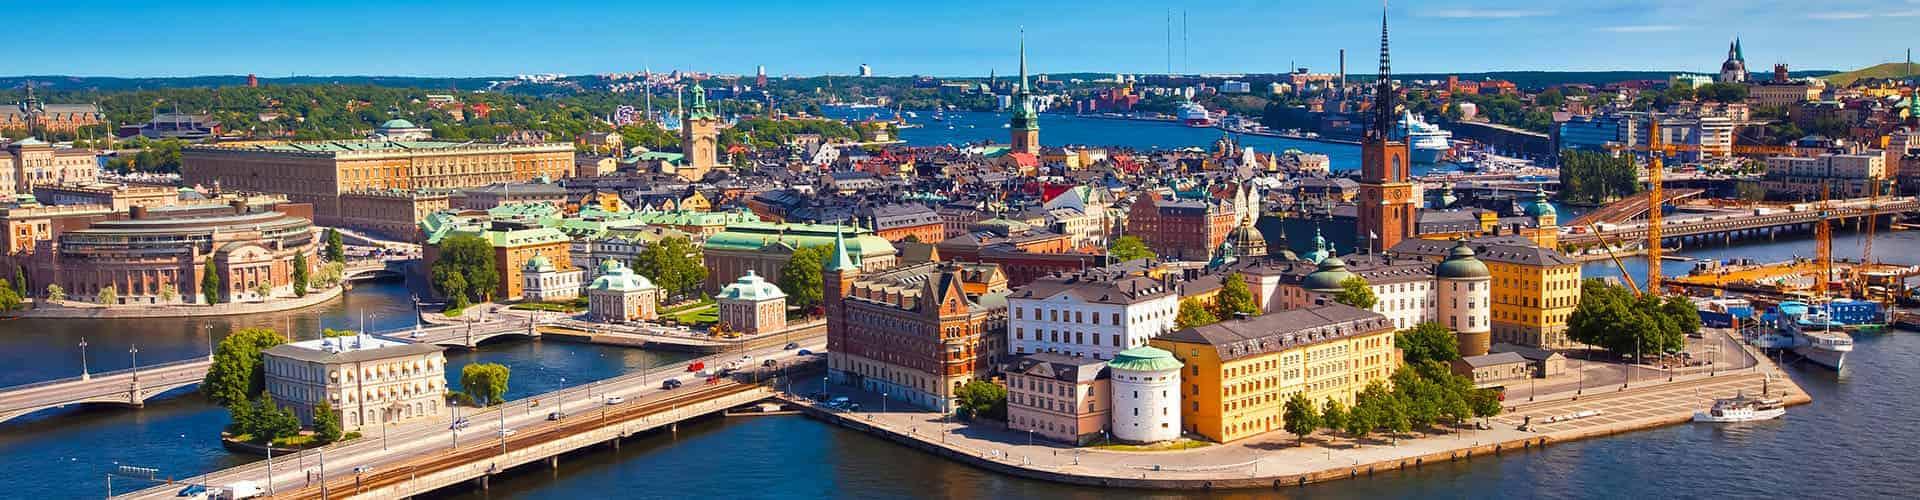 Visitas guiadas en Estocolmo - Turismo de Suecia